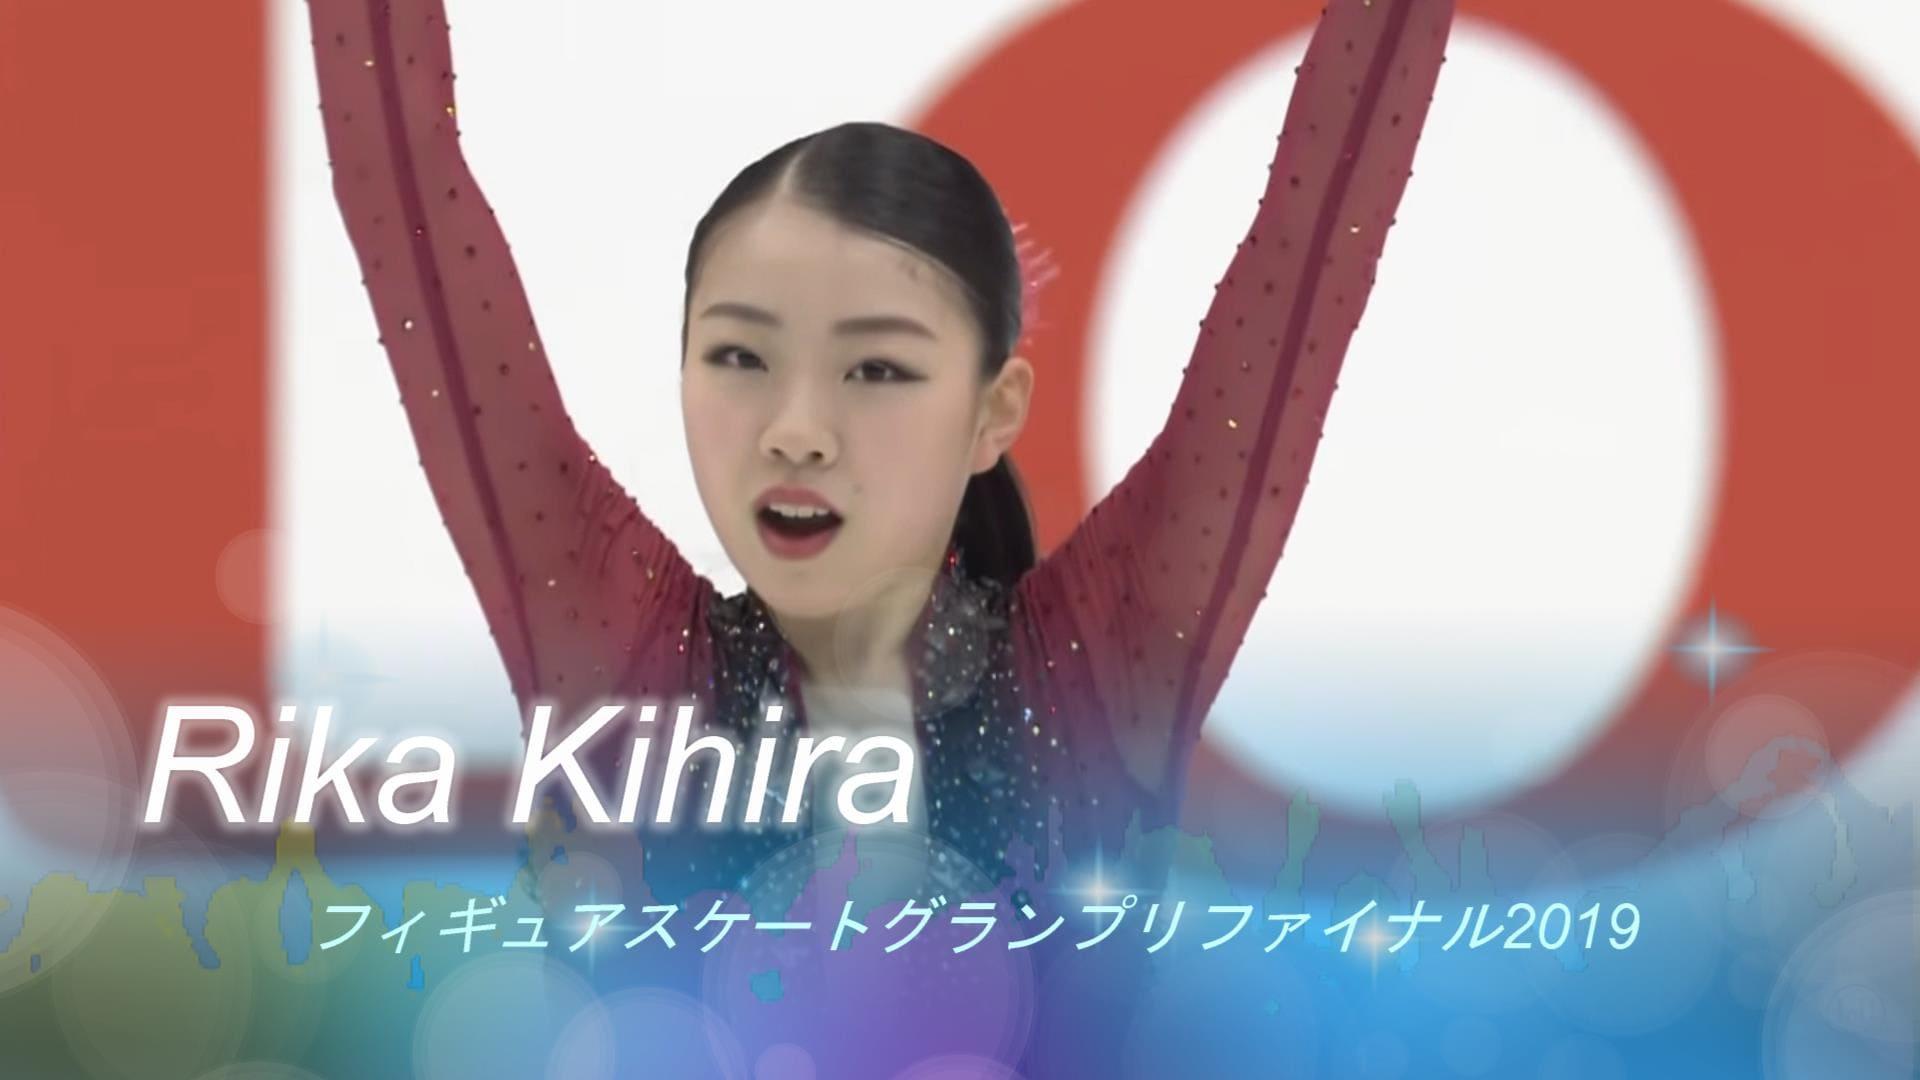 2019フィギュアスケートグラングランプリファイナル2019出場の羽生結弦